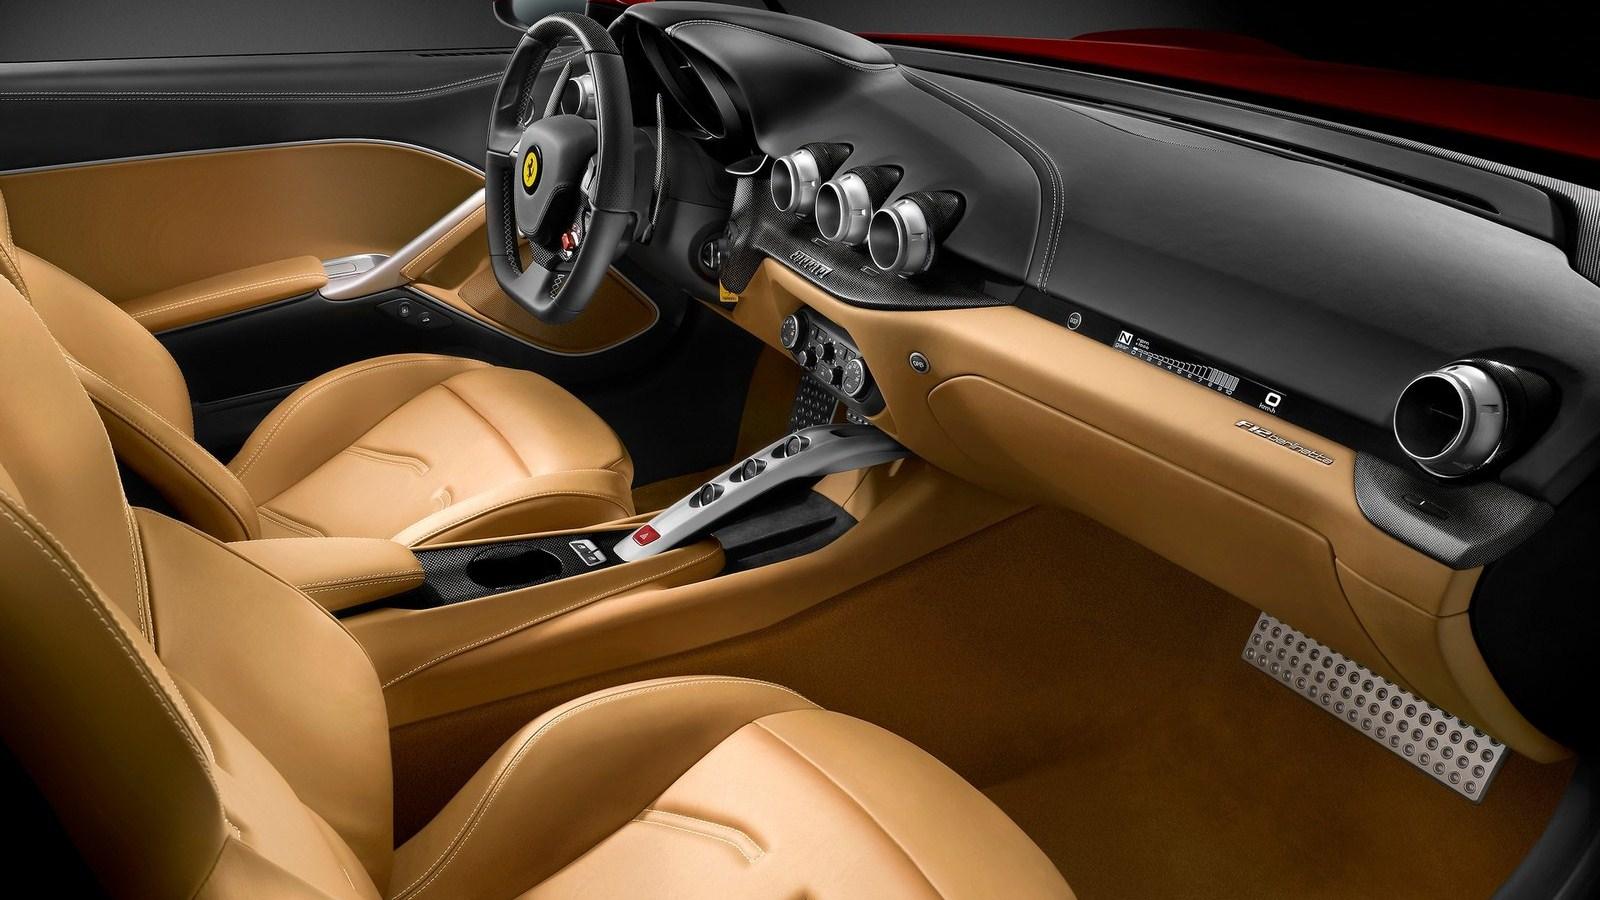 http://1.bp.blogspot.com/-54m9PFUTWMI/T5UpauclXgI/AAAAAAAAClE/GIwtki5EaVw/s1600/Ferrari-F12berlinetta_2013_1600x1200_wallpaper_09+%28Copy%29.jpg